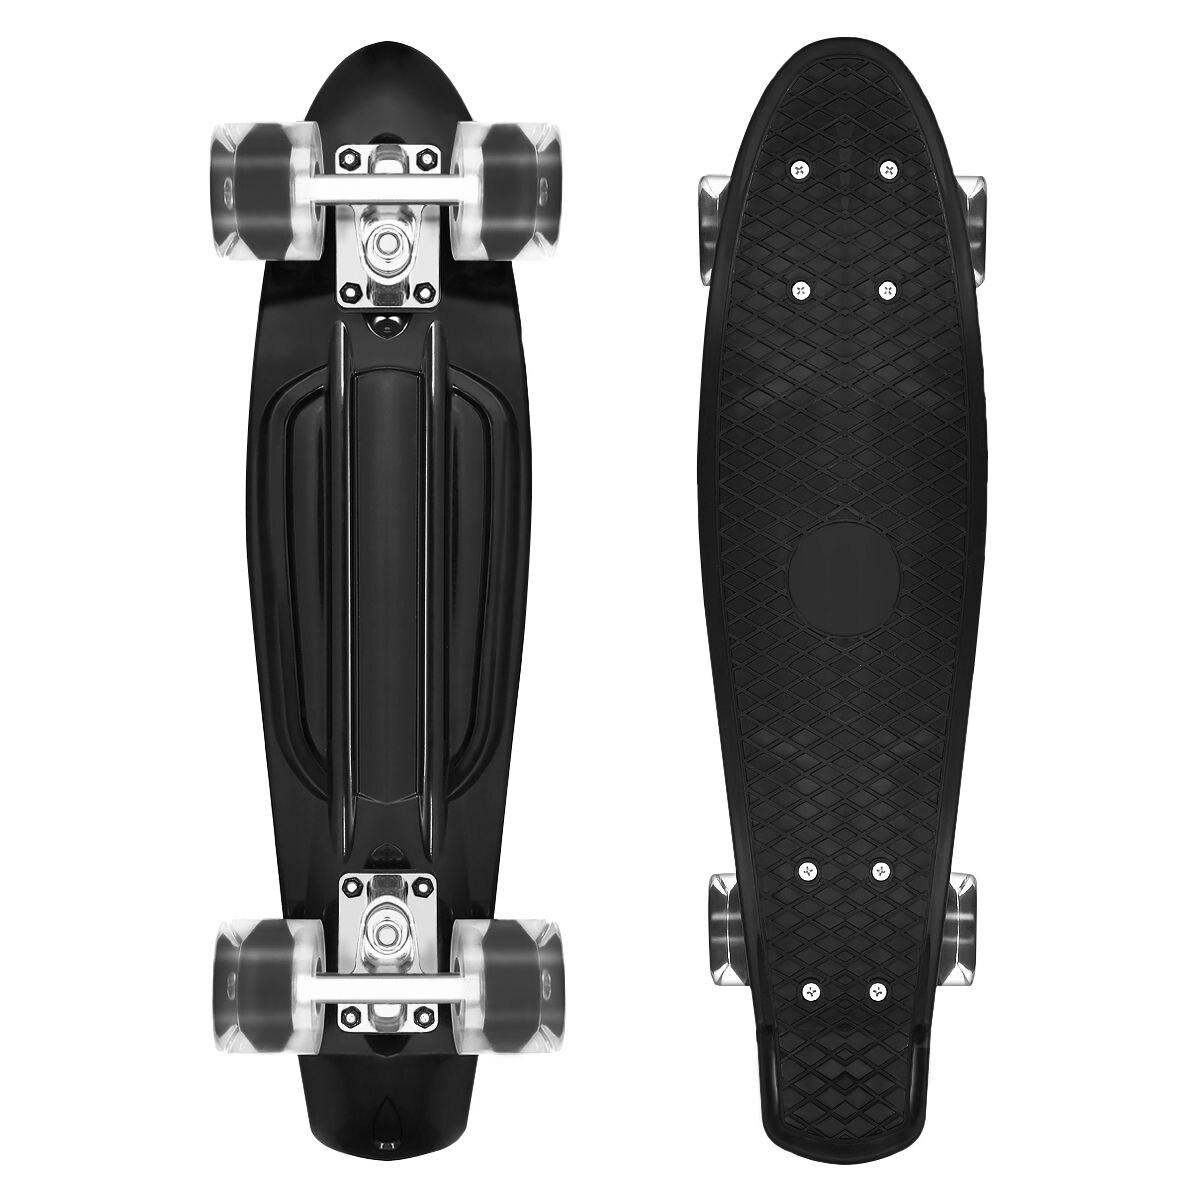 LED lumières 22 pouces Mini planche à roulettes en plastique planche à roulettes roue en polyuréthane Cruiser complet Skateboard Sports enfants enfants cadeaux noir